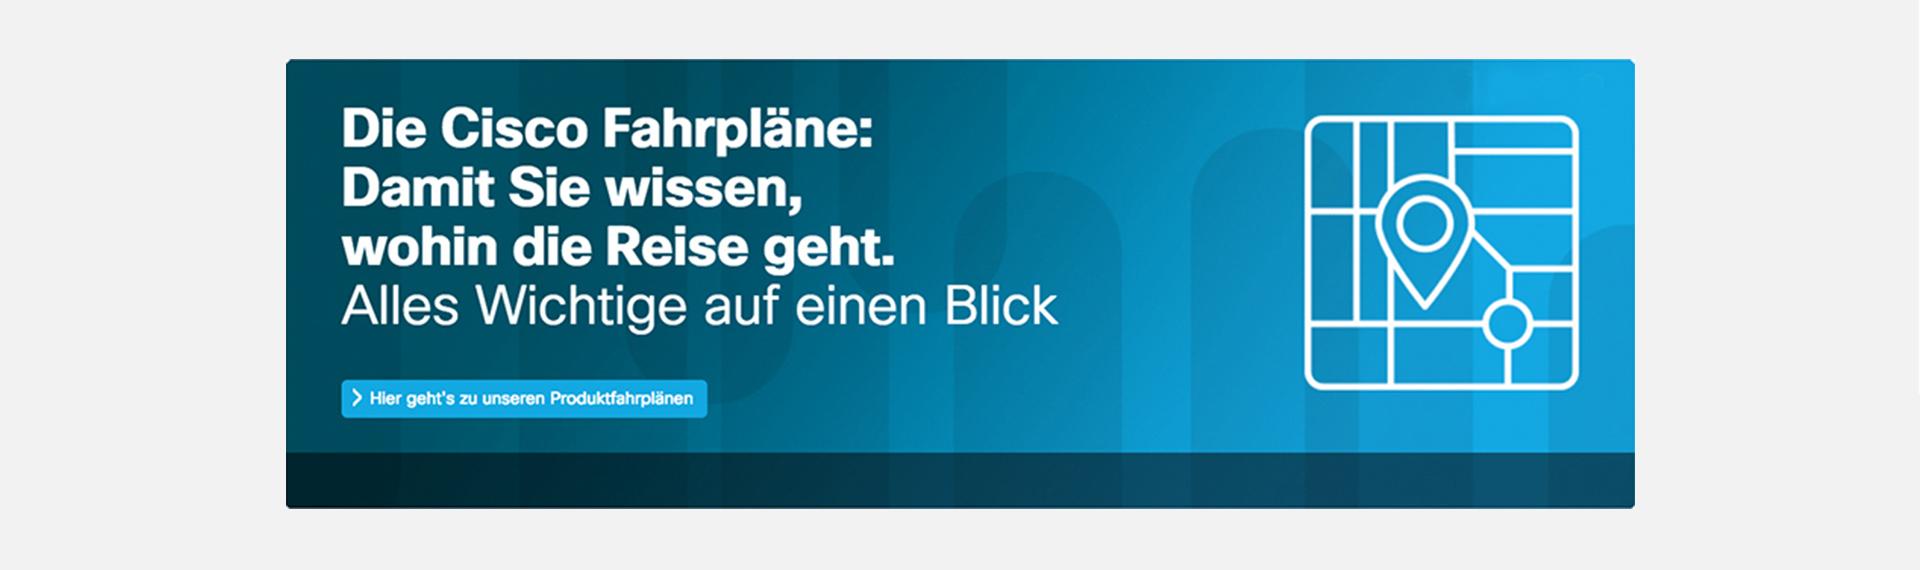 web_Cisco_BILD-C_01b_ik